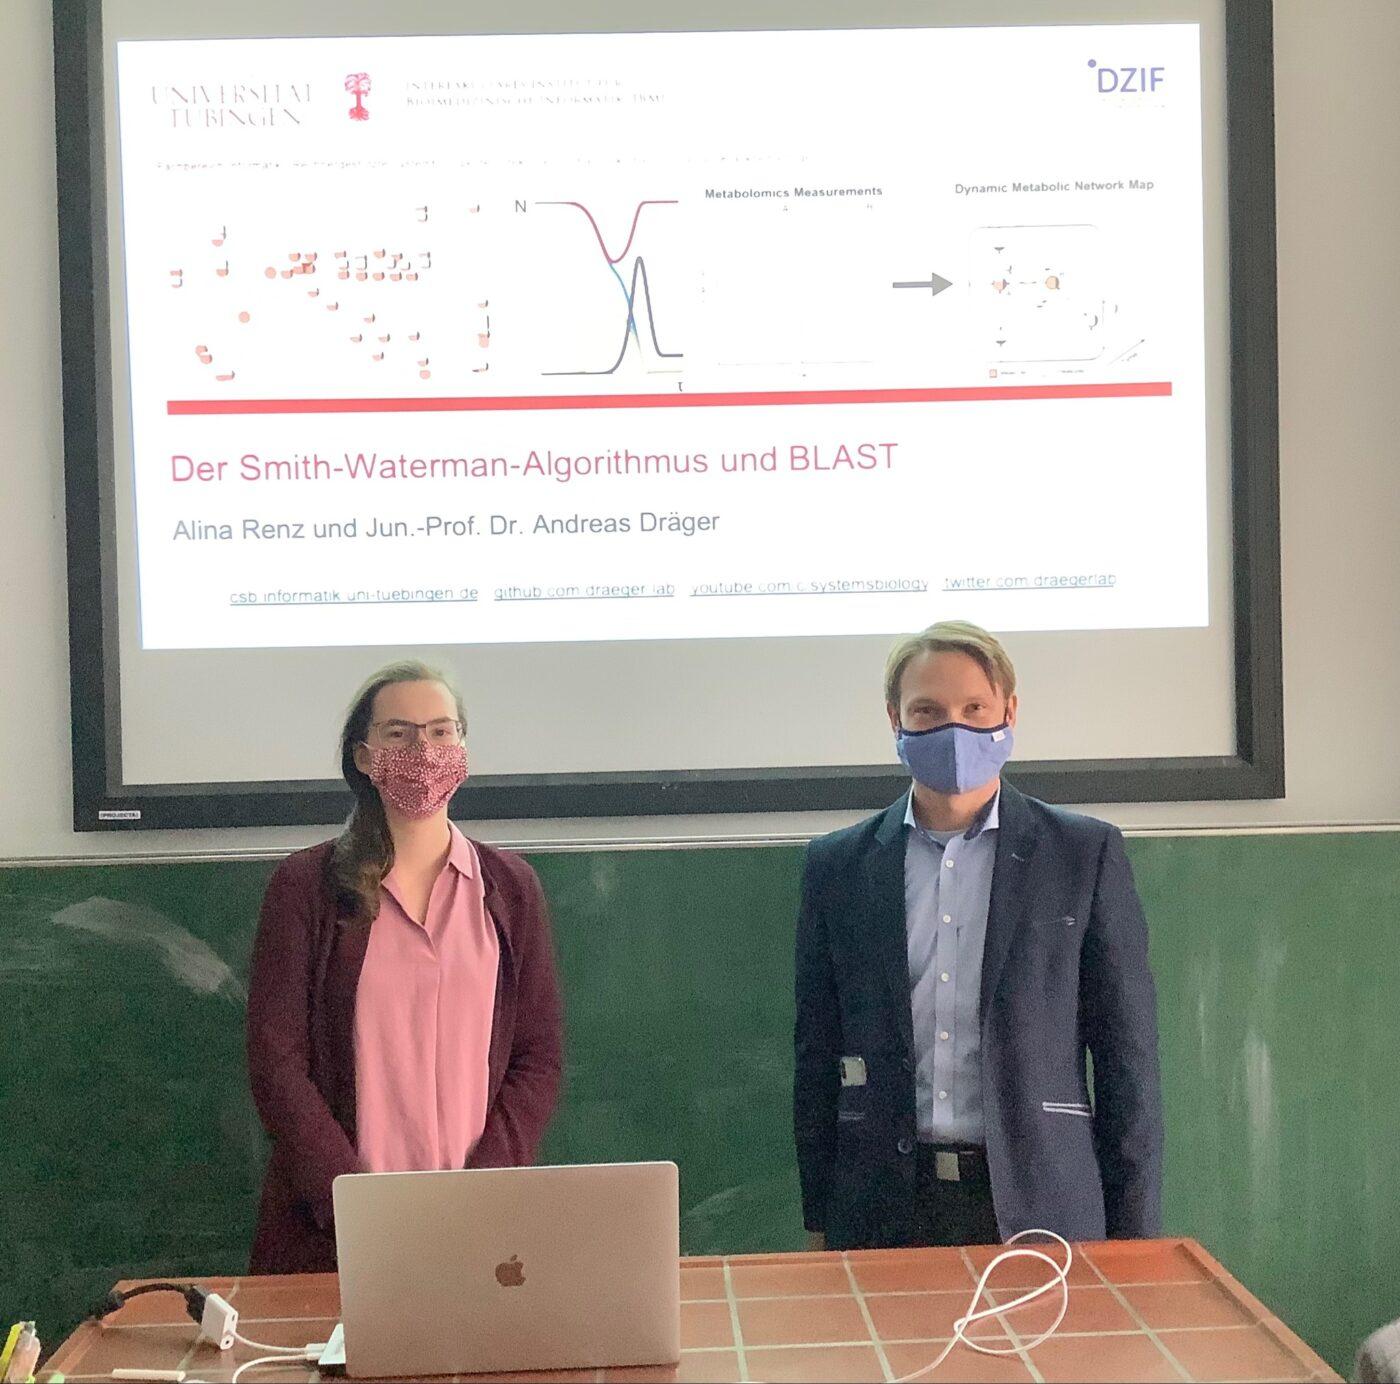 Alina Renz und Jun.-Prof. Dr. Andreas Dräger vor einer PowerPoint Präsentation